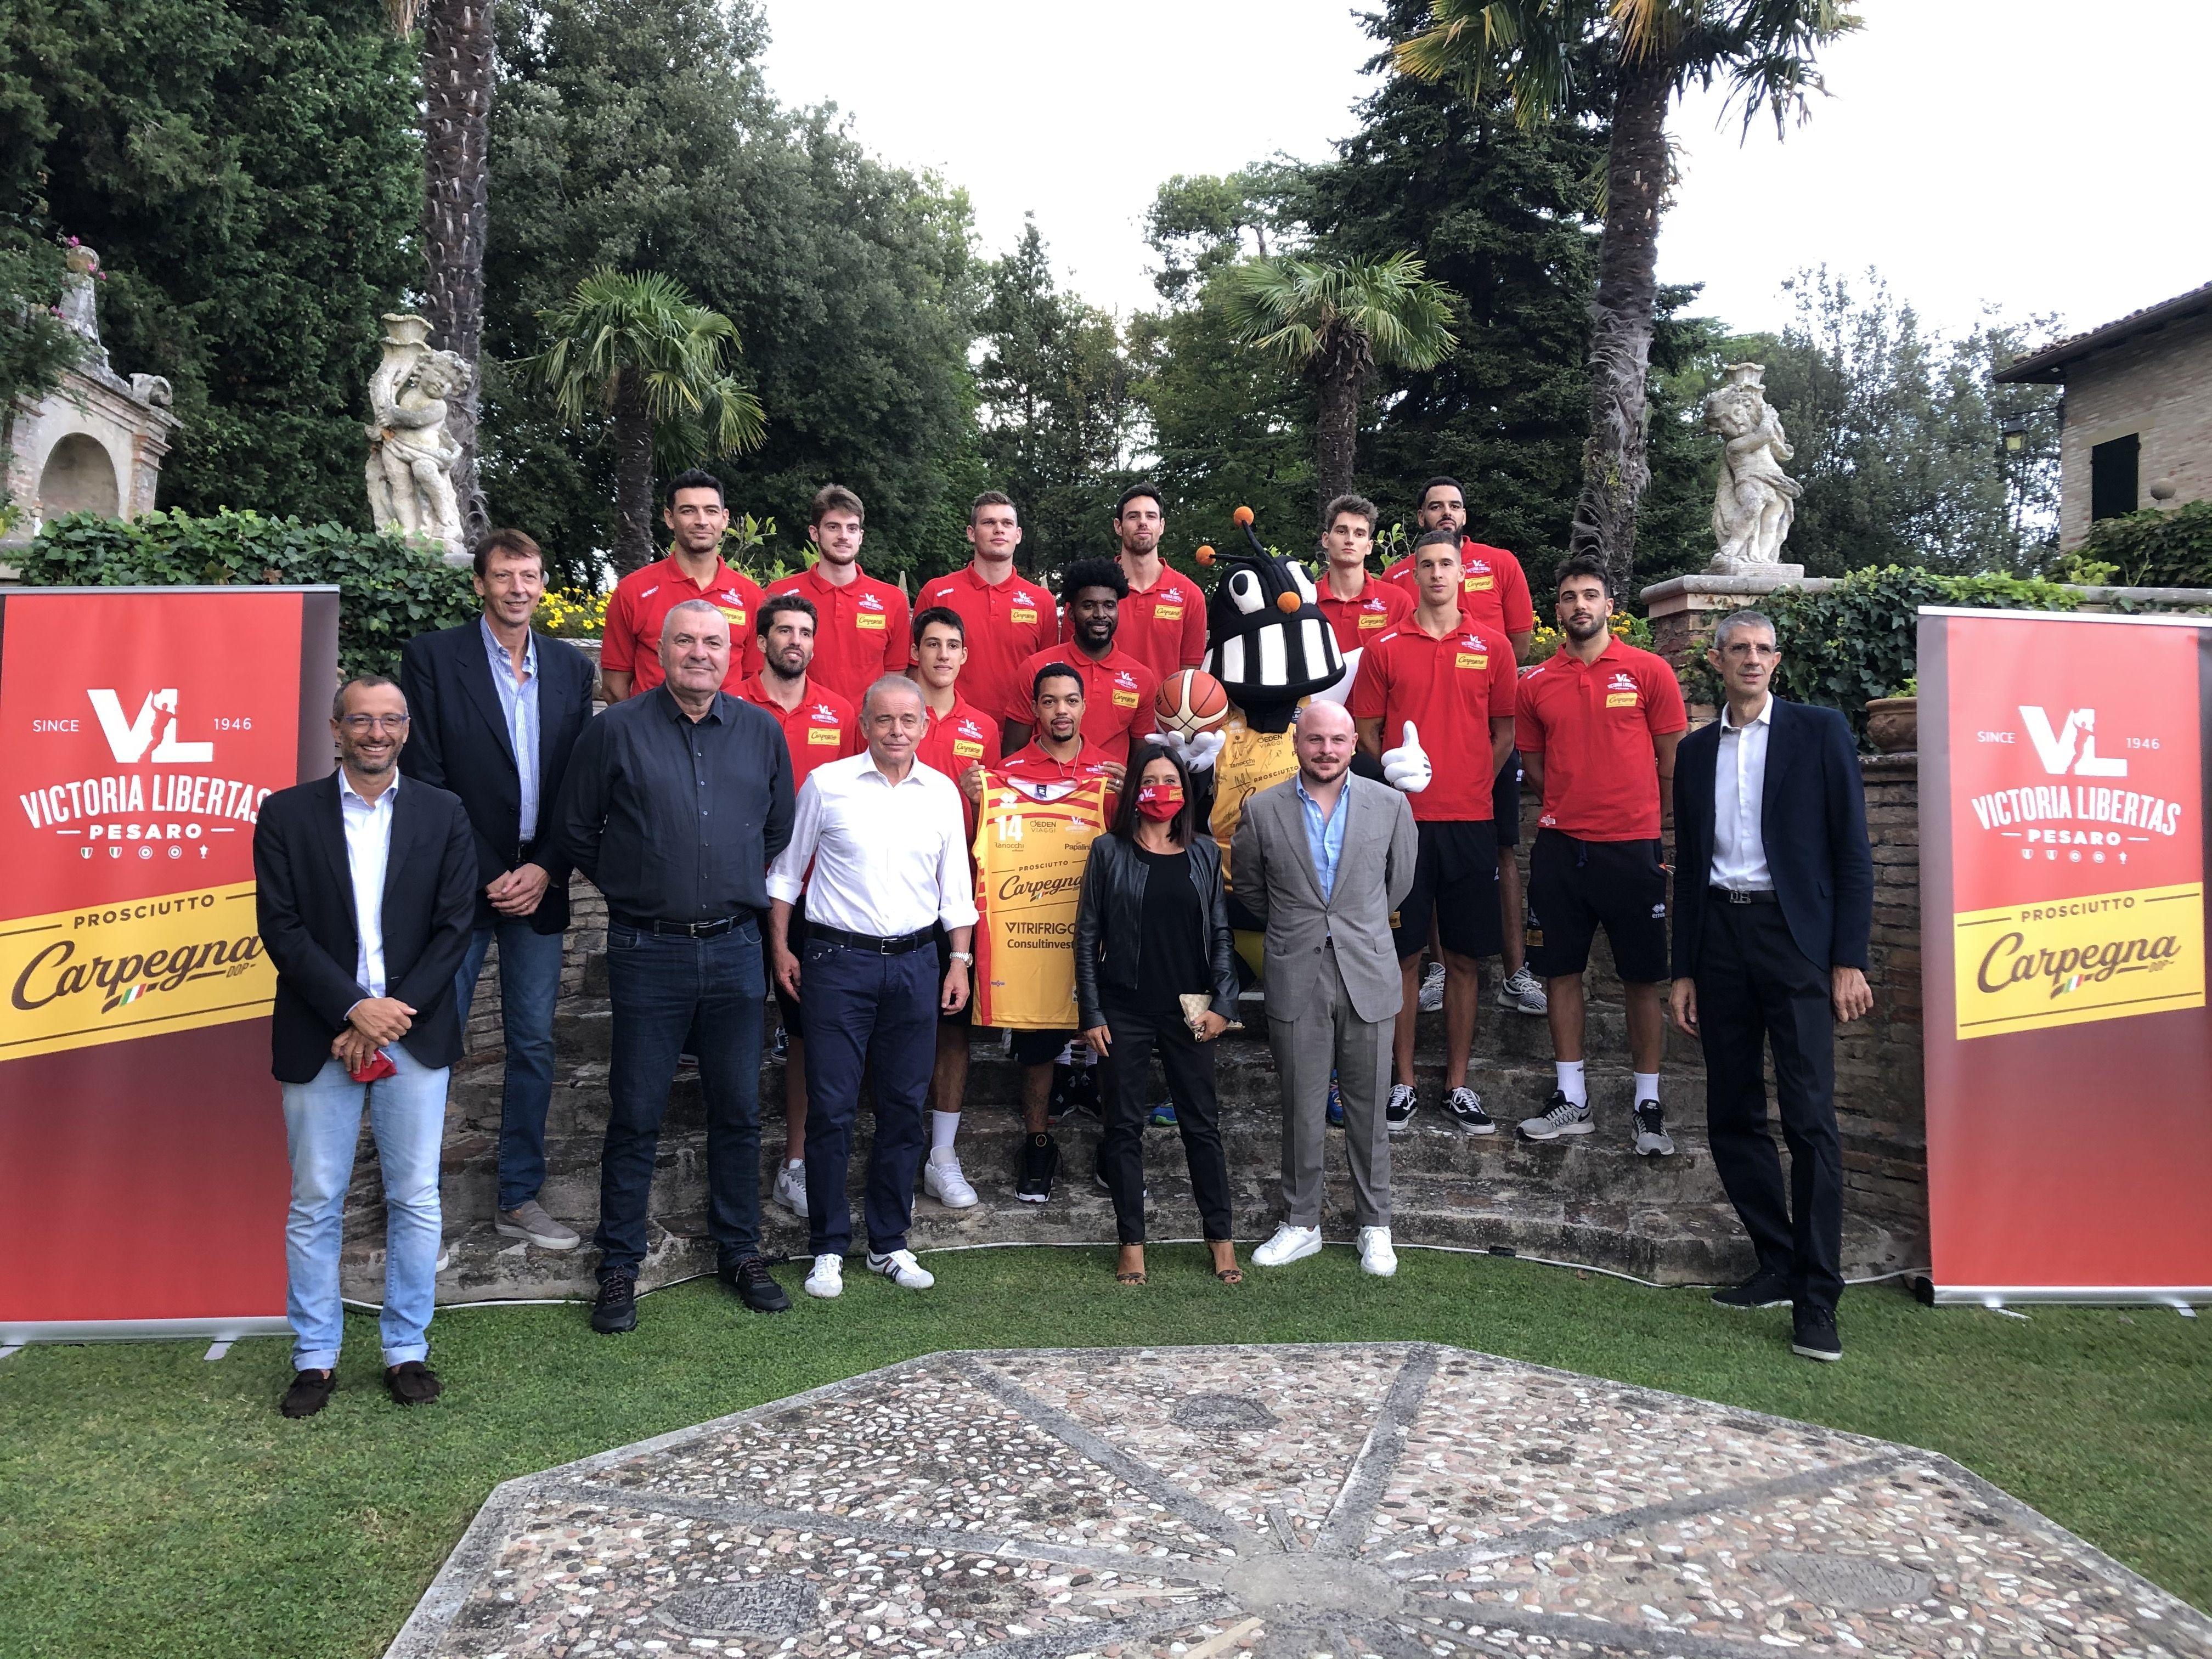 squadra di pallacanestro Carpegna Prosciutto